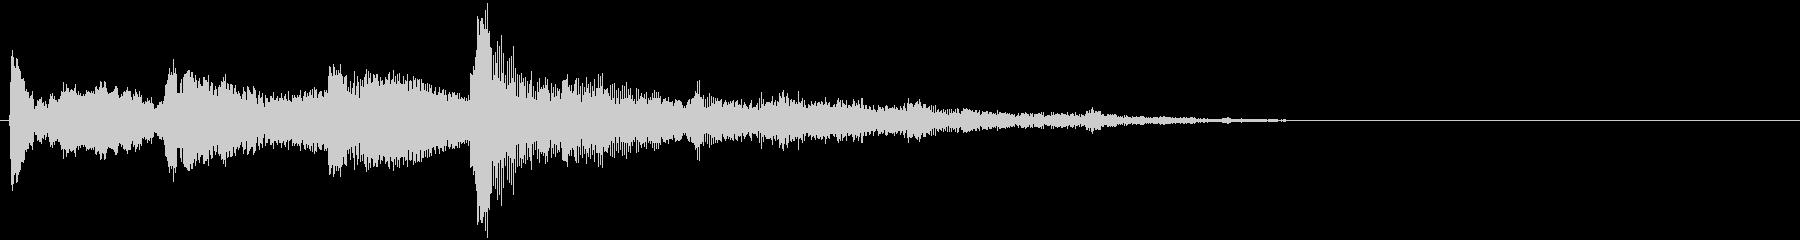 高音質シンセアクセントとグール2の未再生の波形